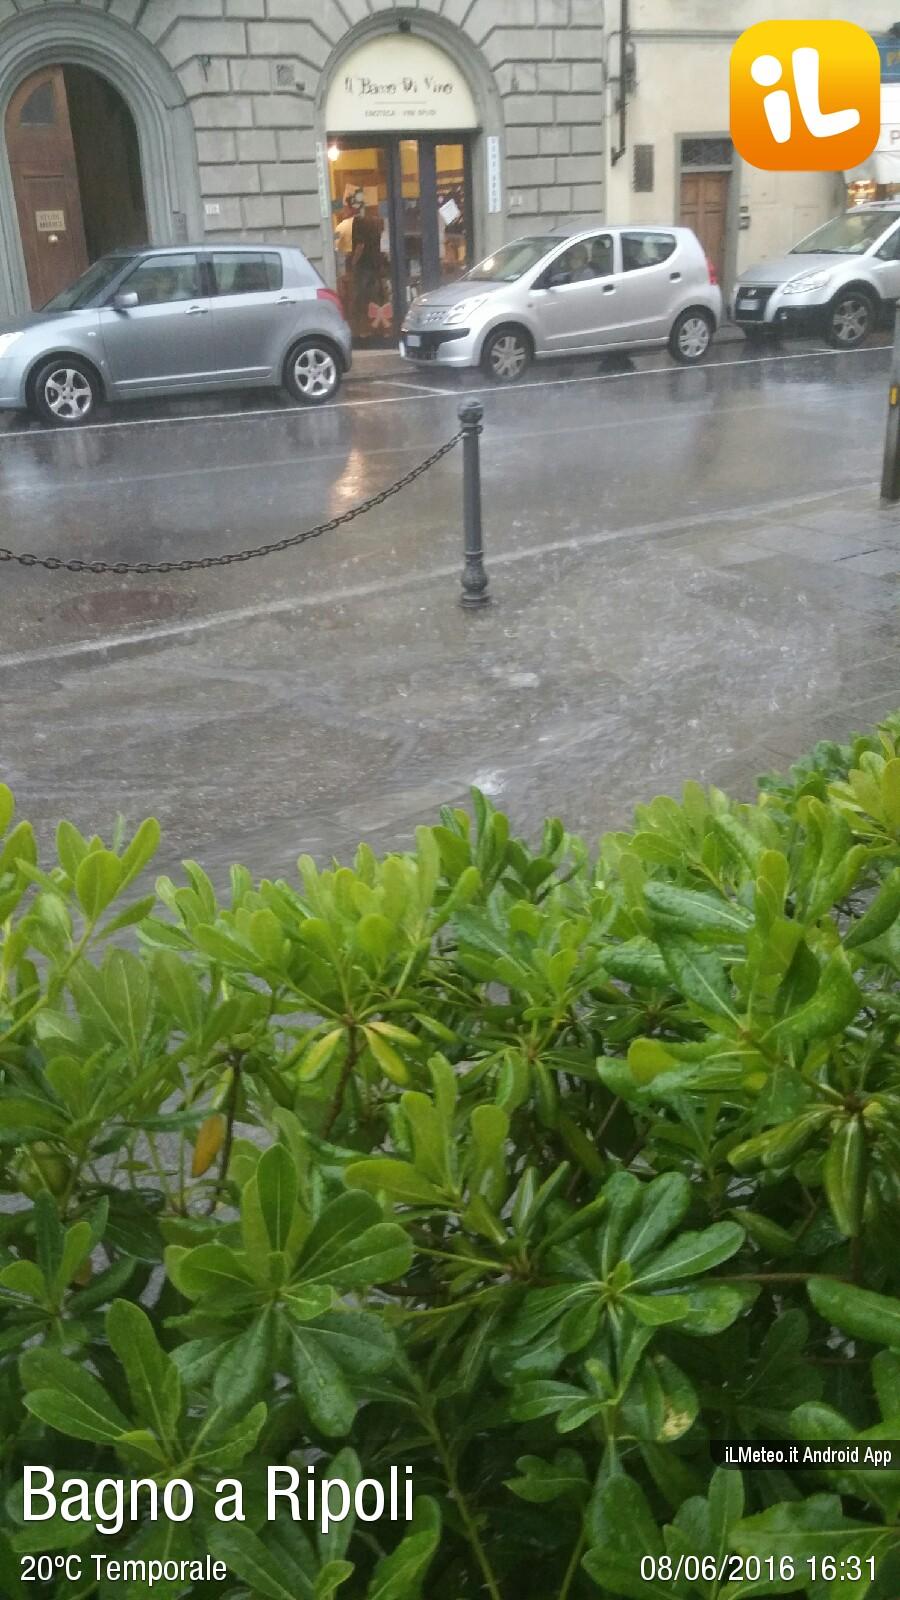 Foto meteo bagno a ripoli bagno a ripoli ore 16 31 - Meteo bagno a ripoli ...